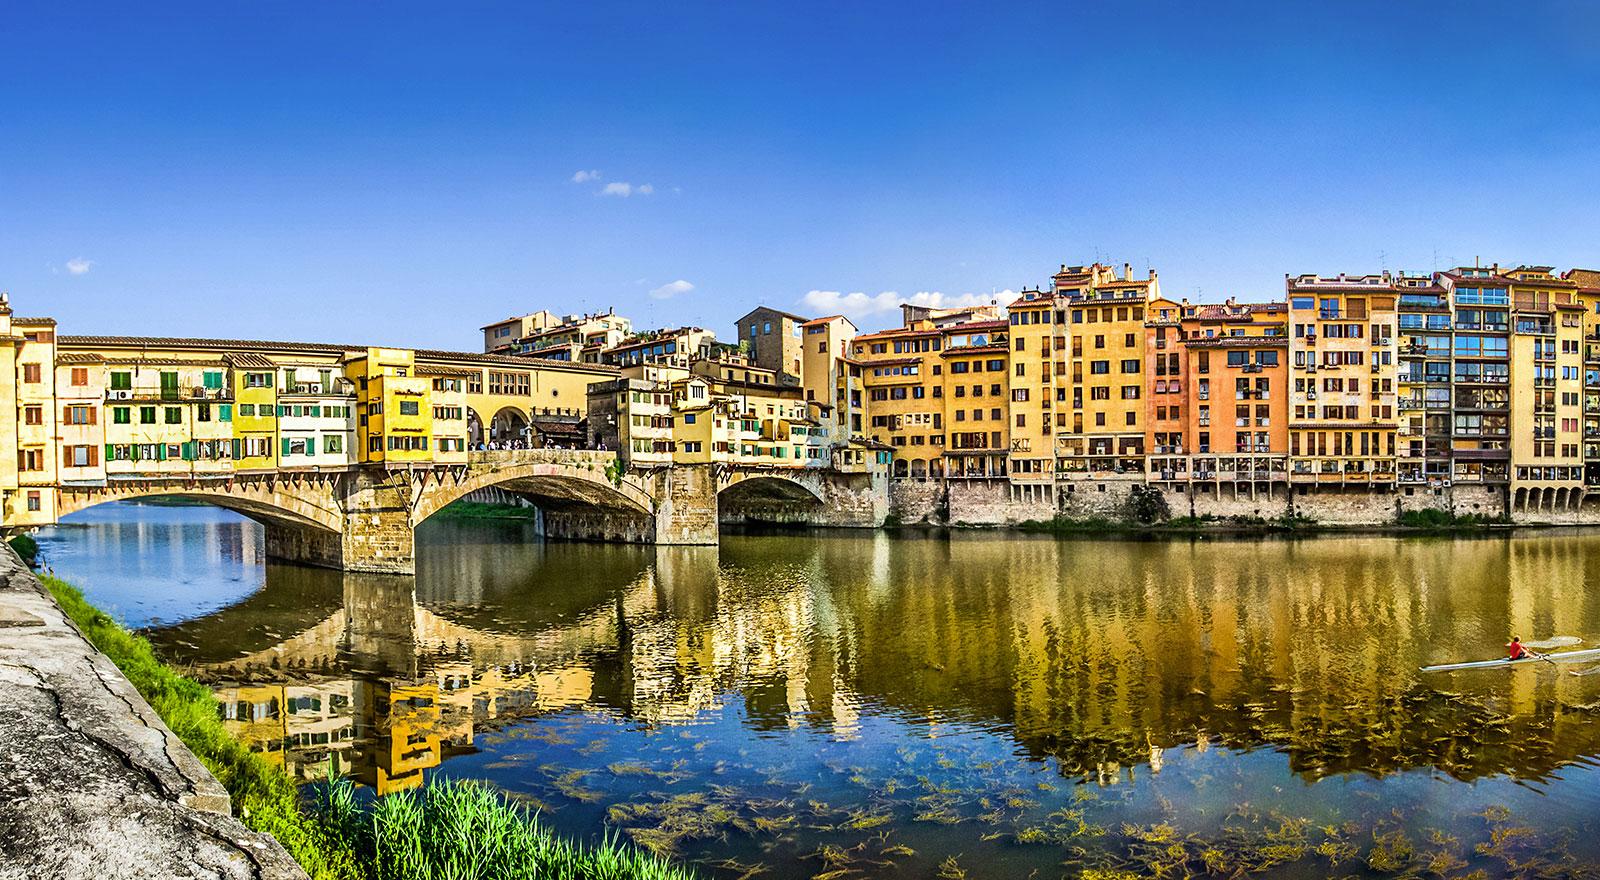 Hotel Bologna Firenze Booking